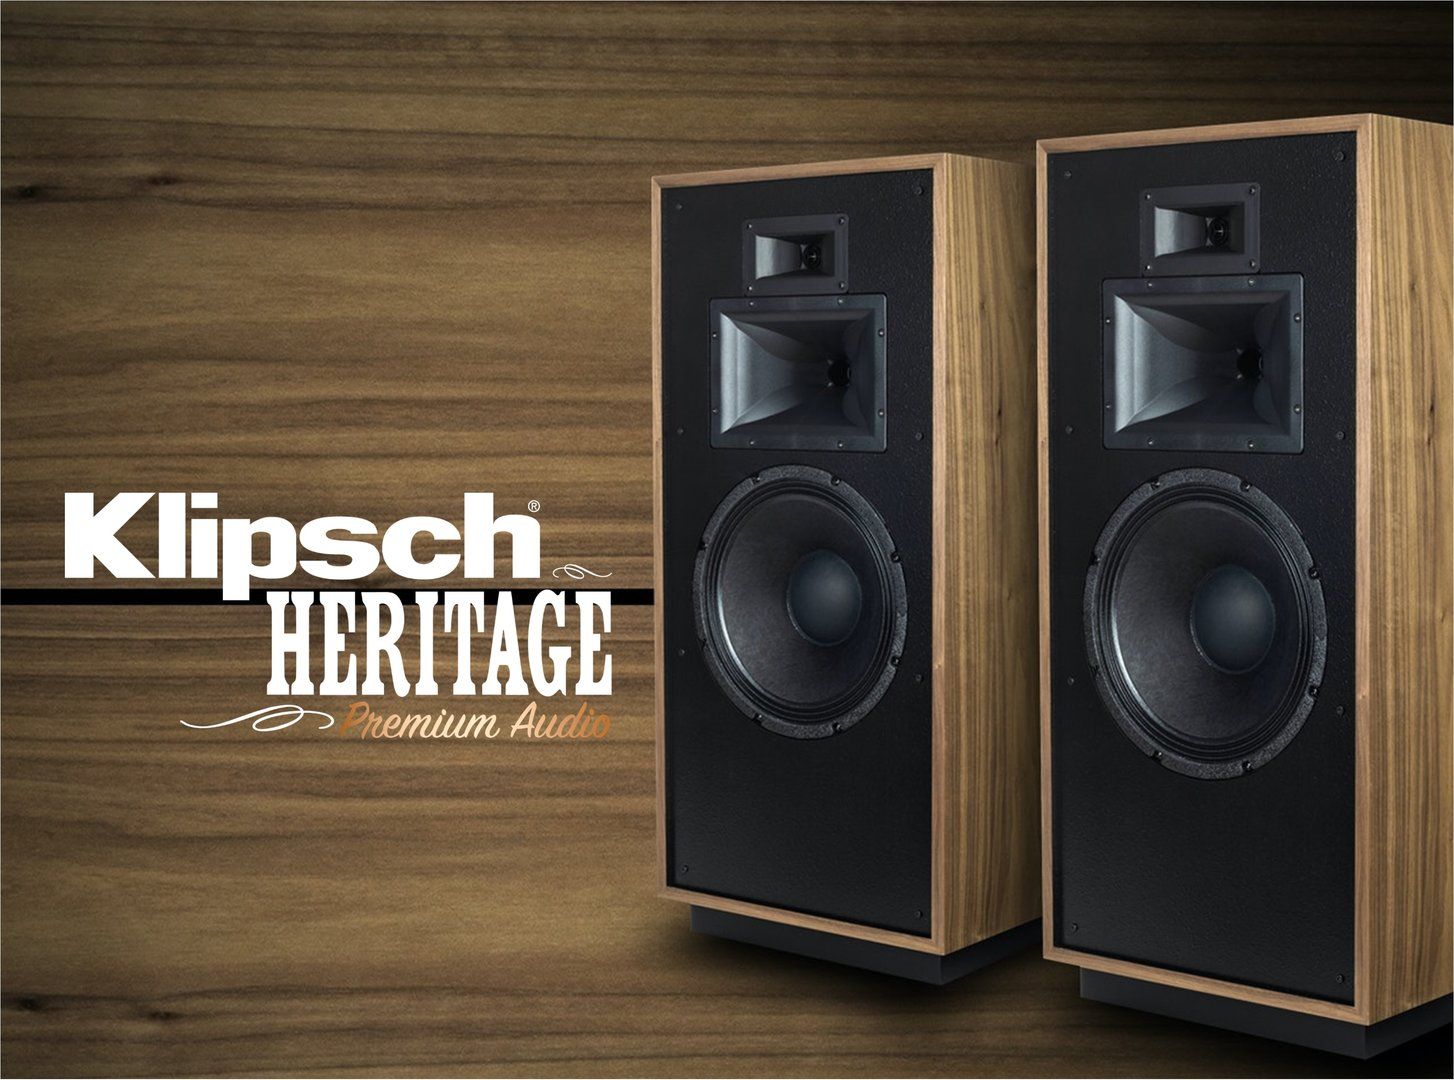 Klipsch_Heritage.jpg